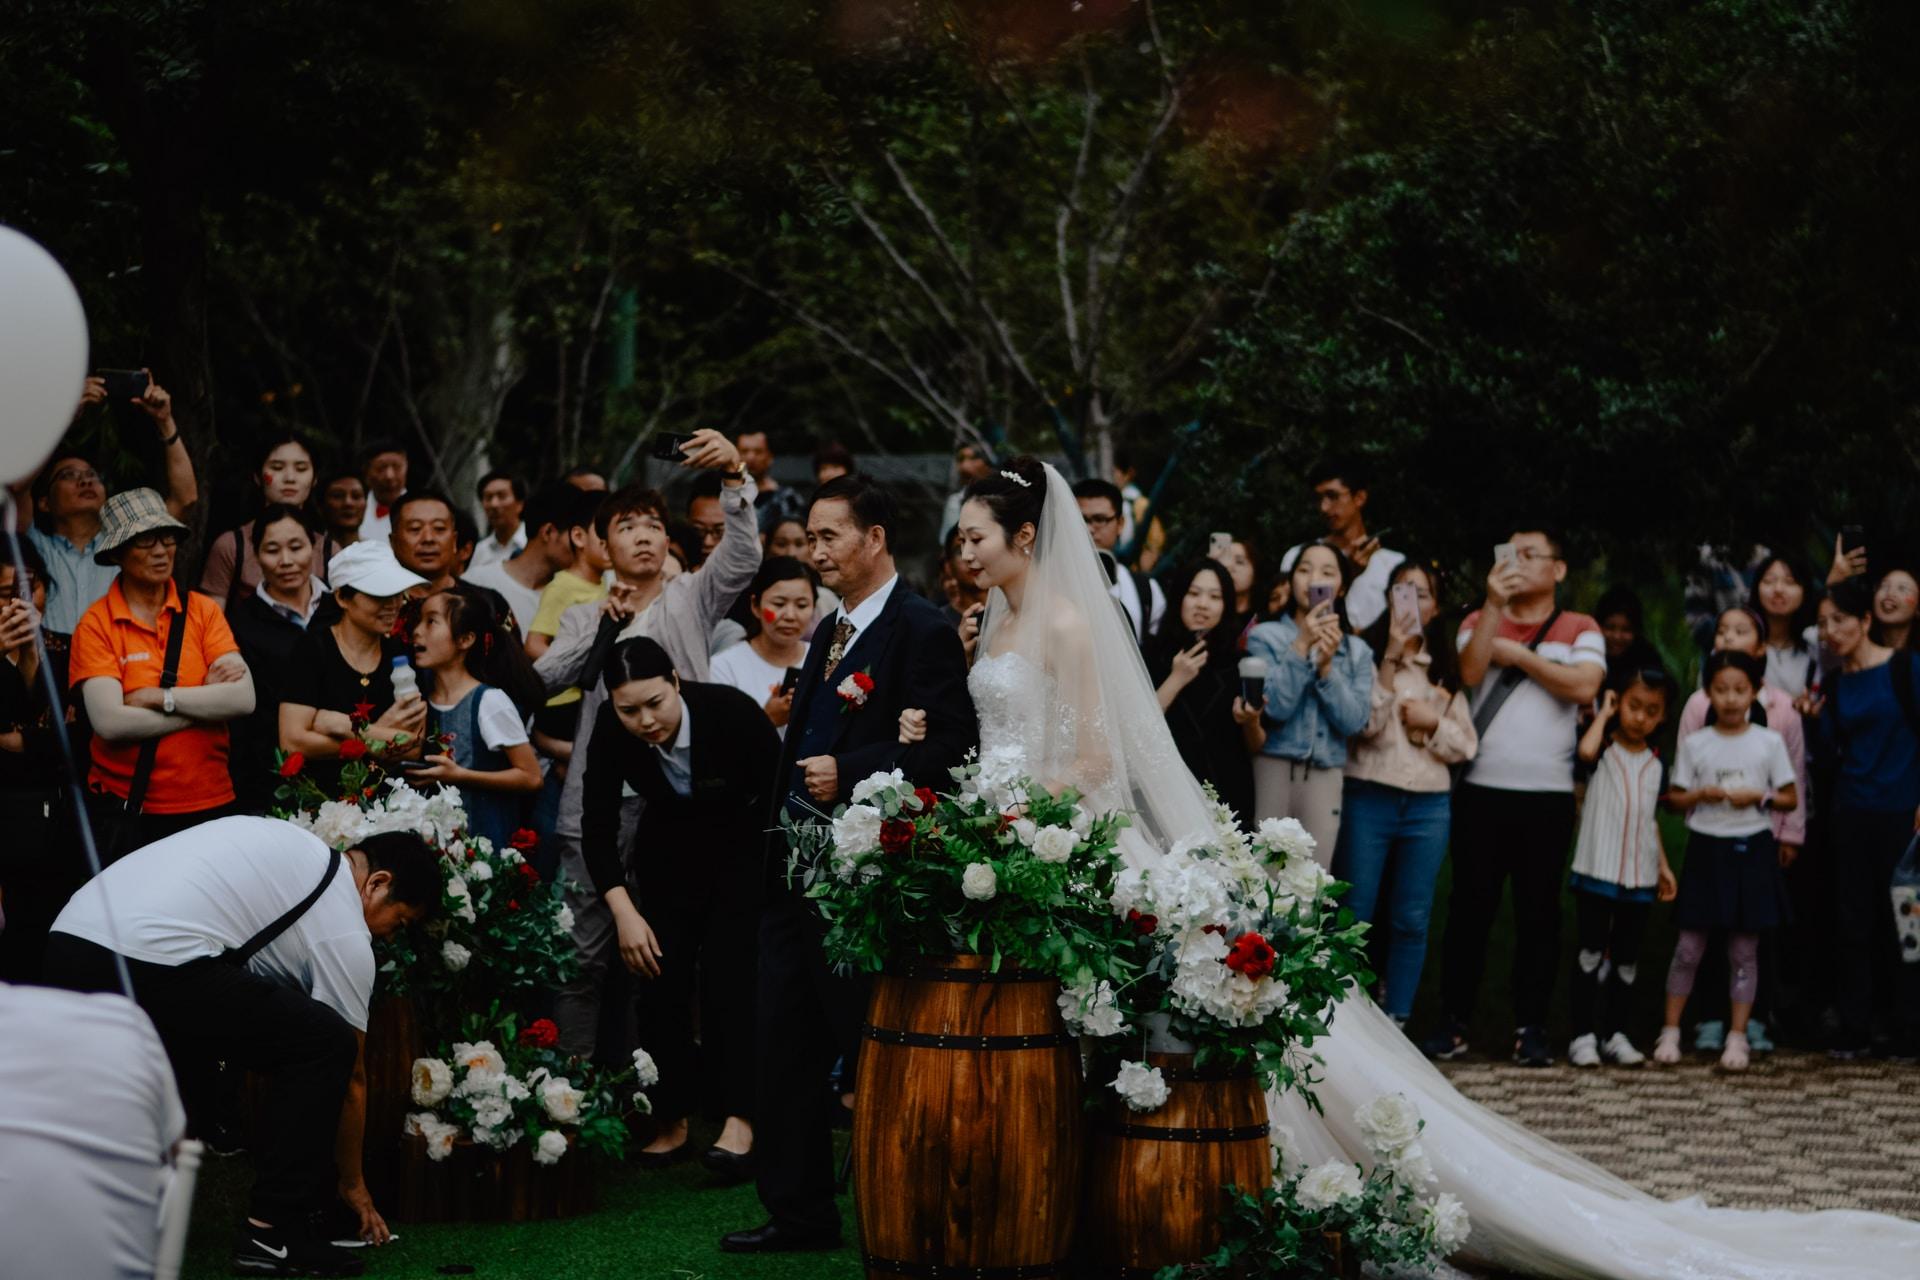 οργάνωση του γάμου